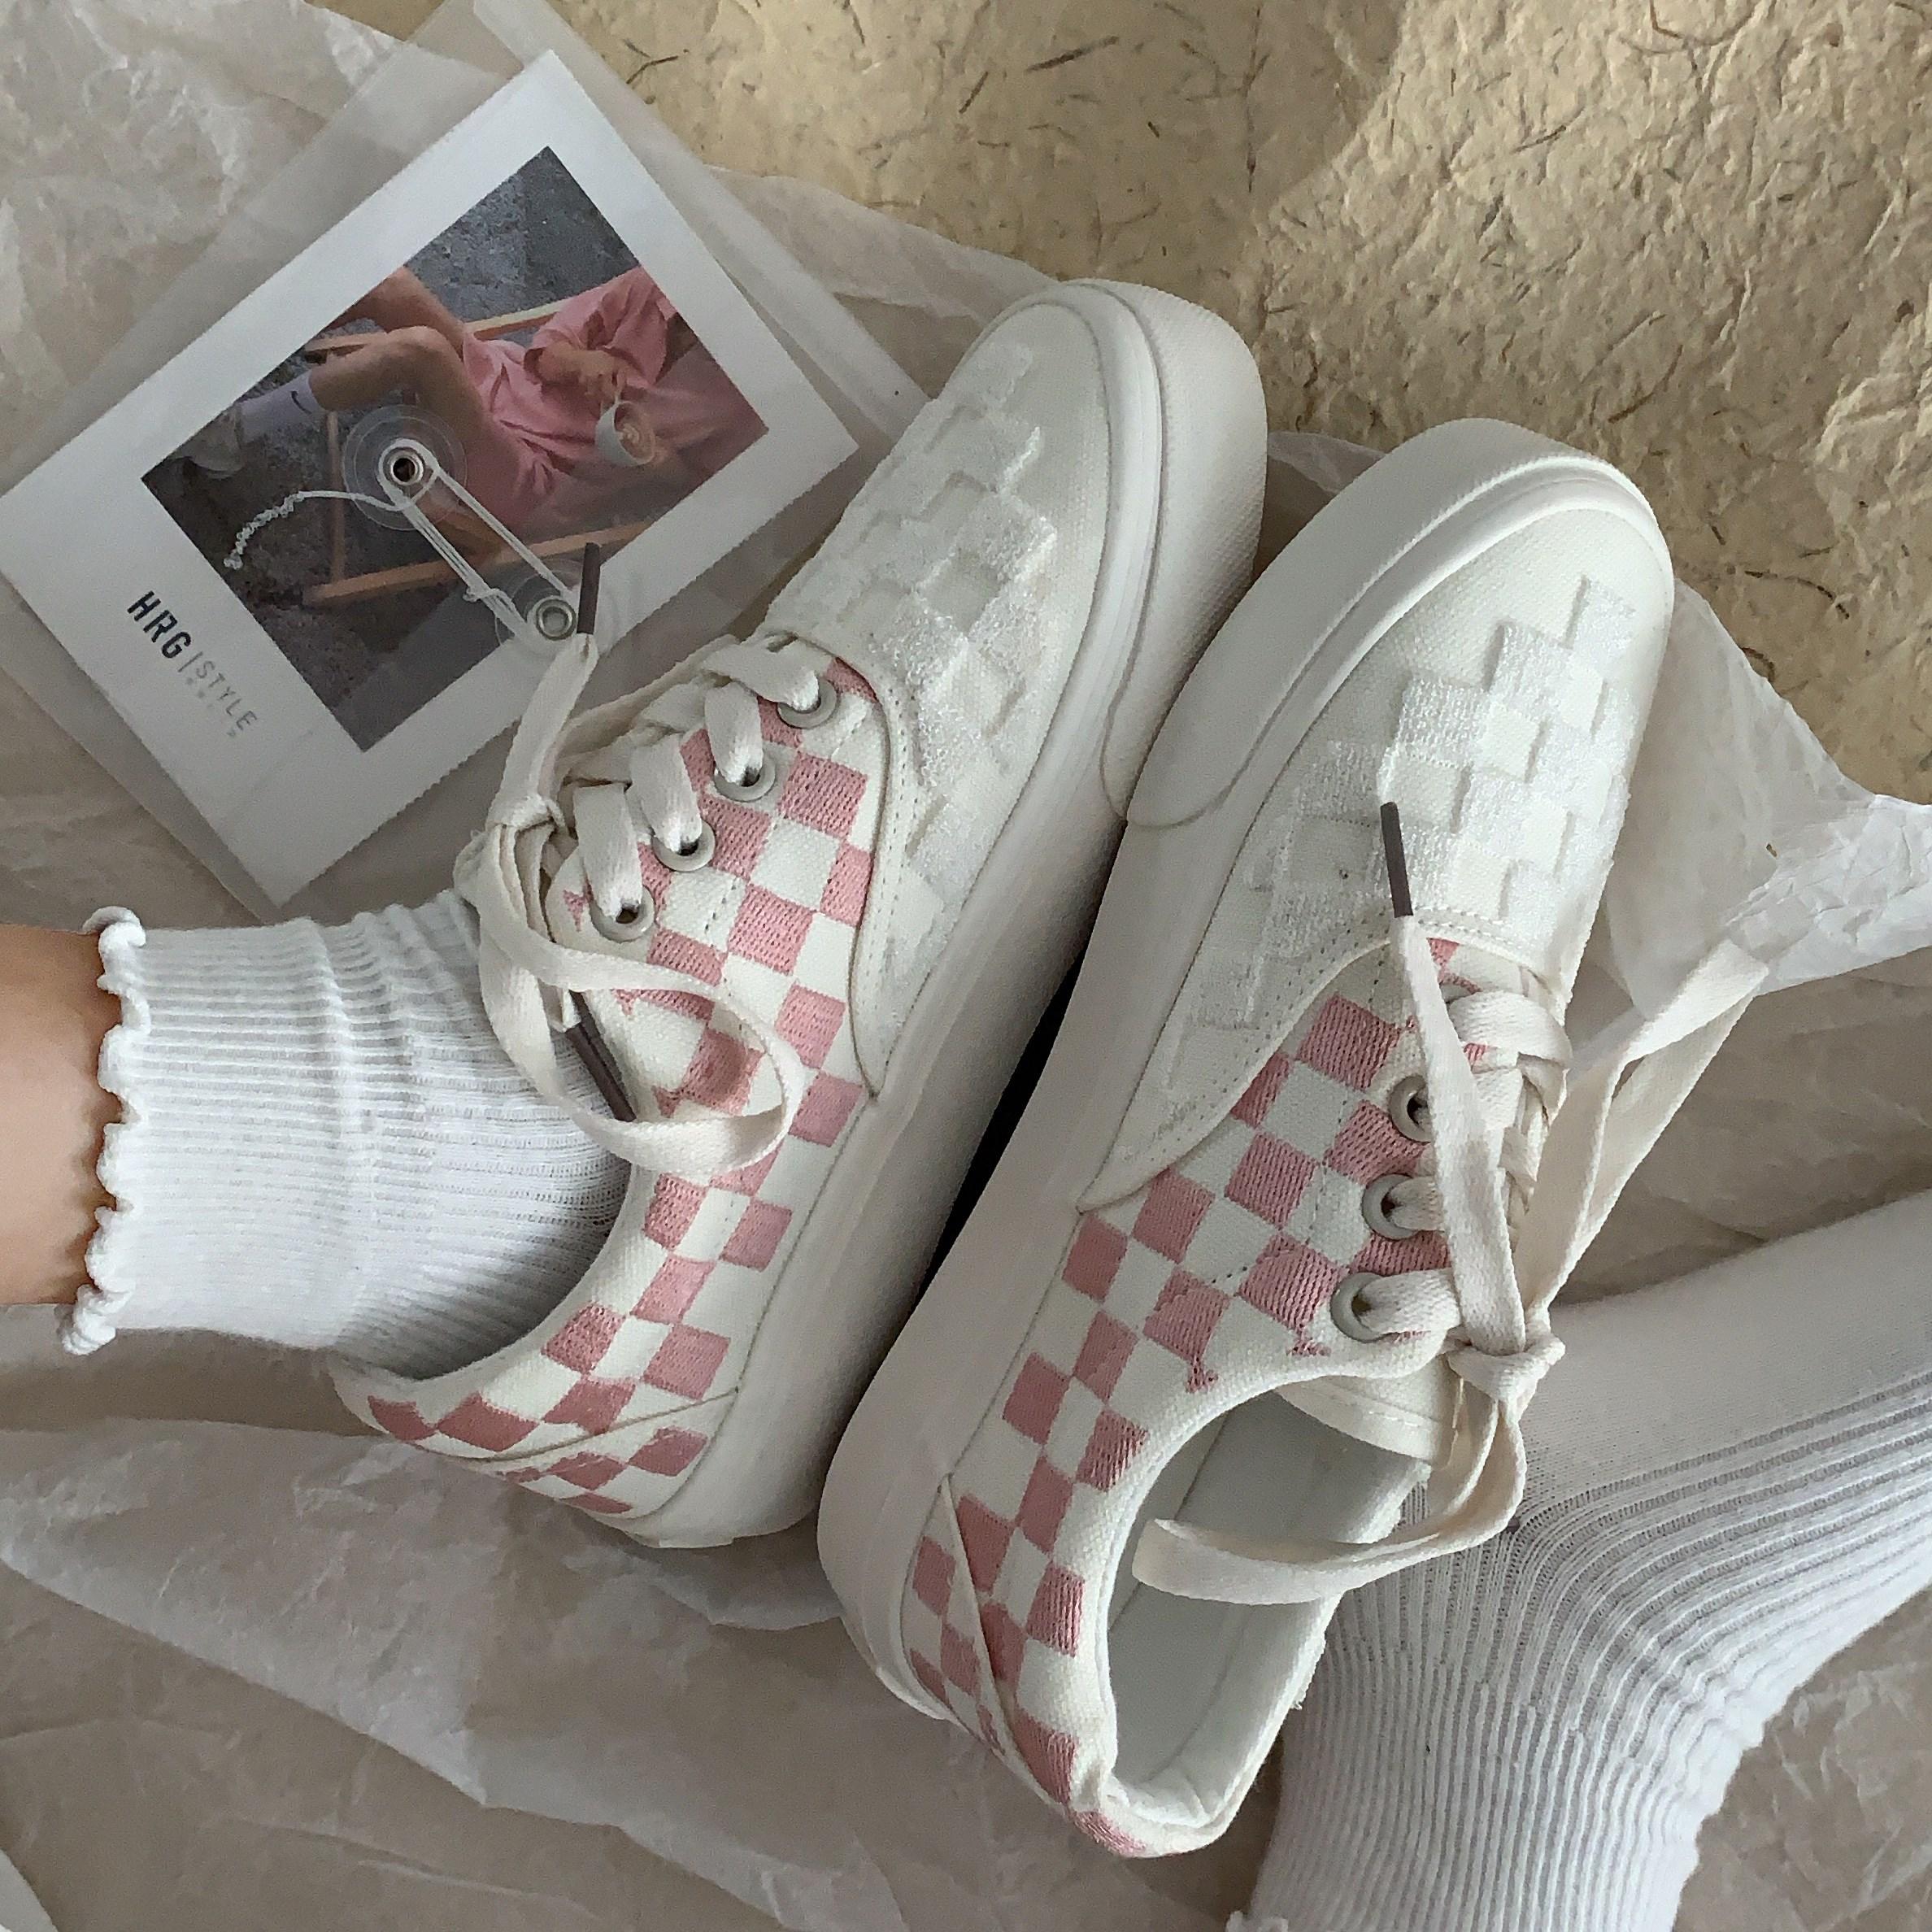 粉红色帆布鞋 黄洛林 粉红色少女心可爱格子帆布鞋子女韩版街拍网红百搭ins板鞋_推荐淘宝好看的粉红色帆布鞋